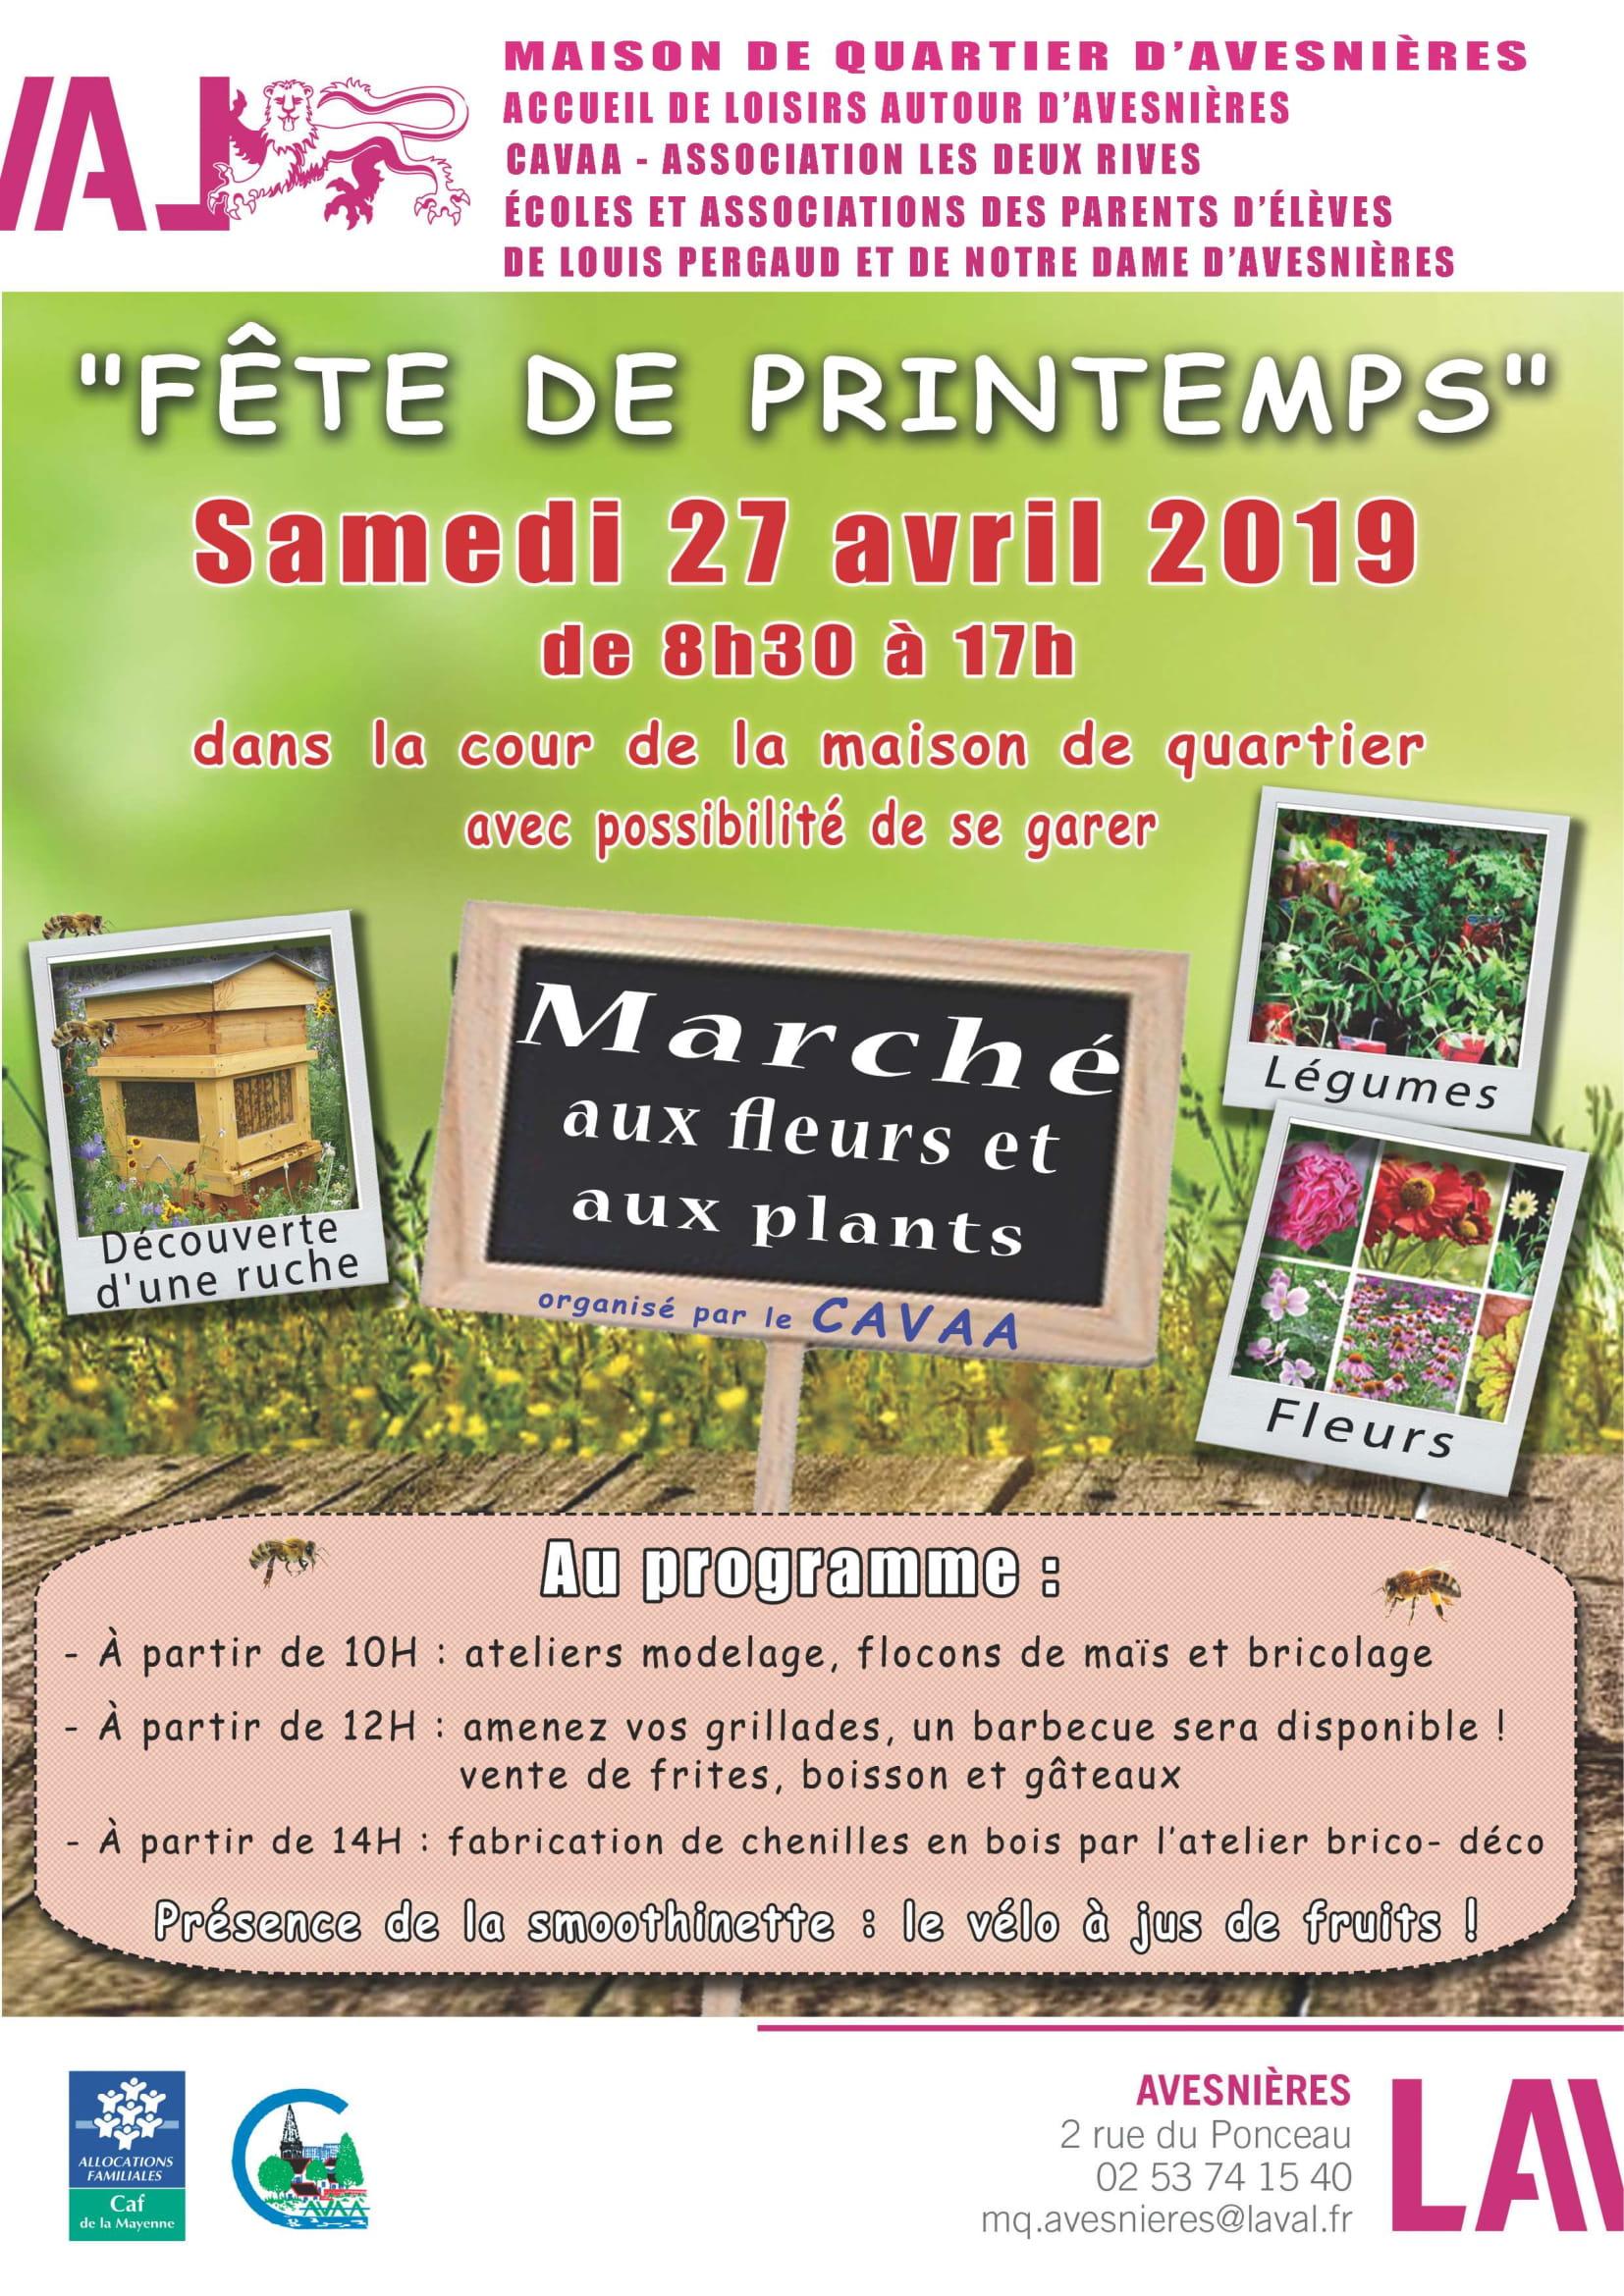 Avesnières - fête de printemps 2019-1